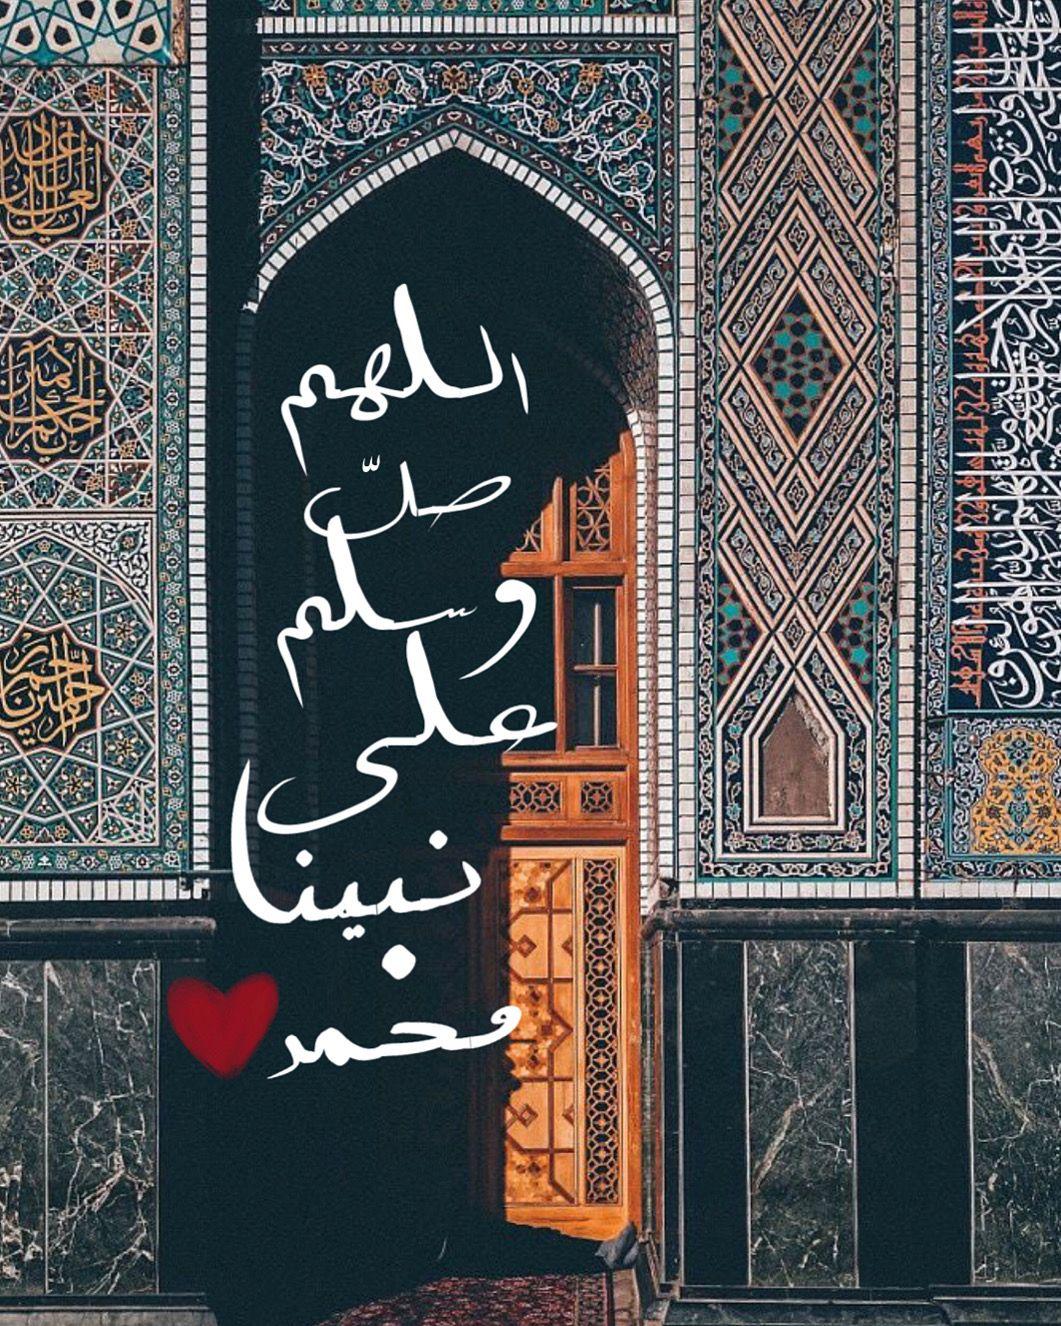 اللهم صل وسلم على نبينا محمد Islamic Calligraphy Holy Quran Art